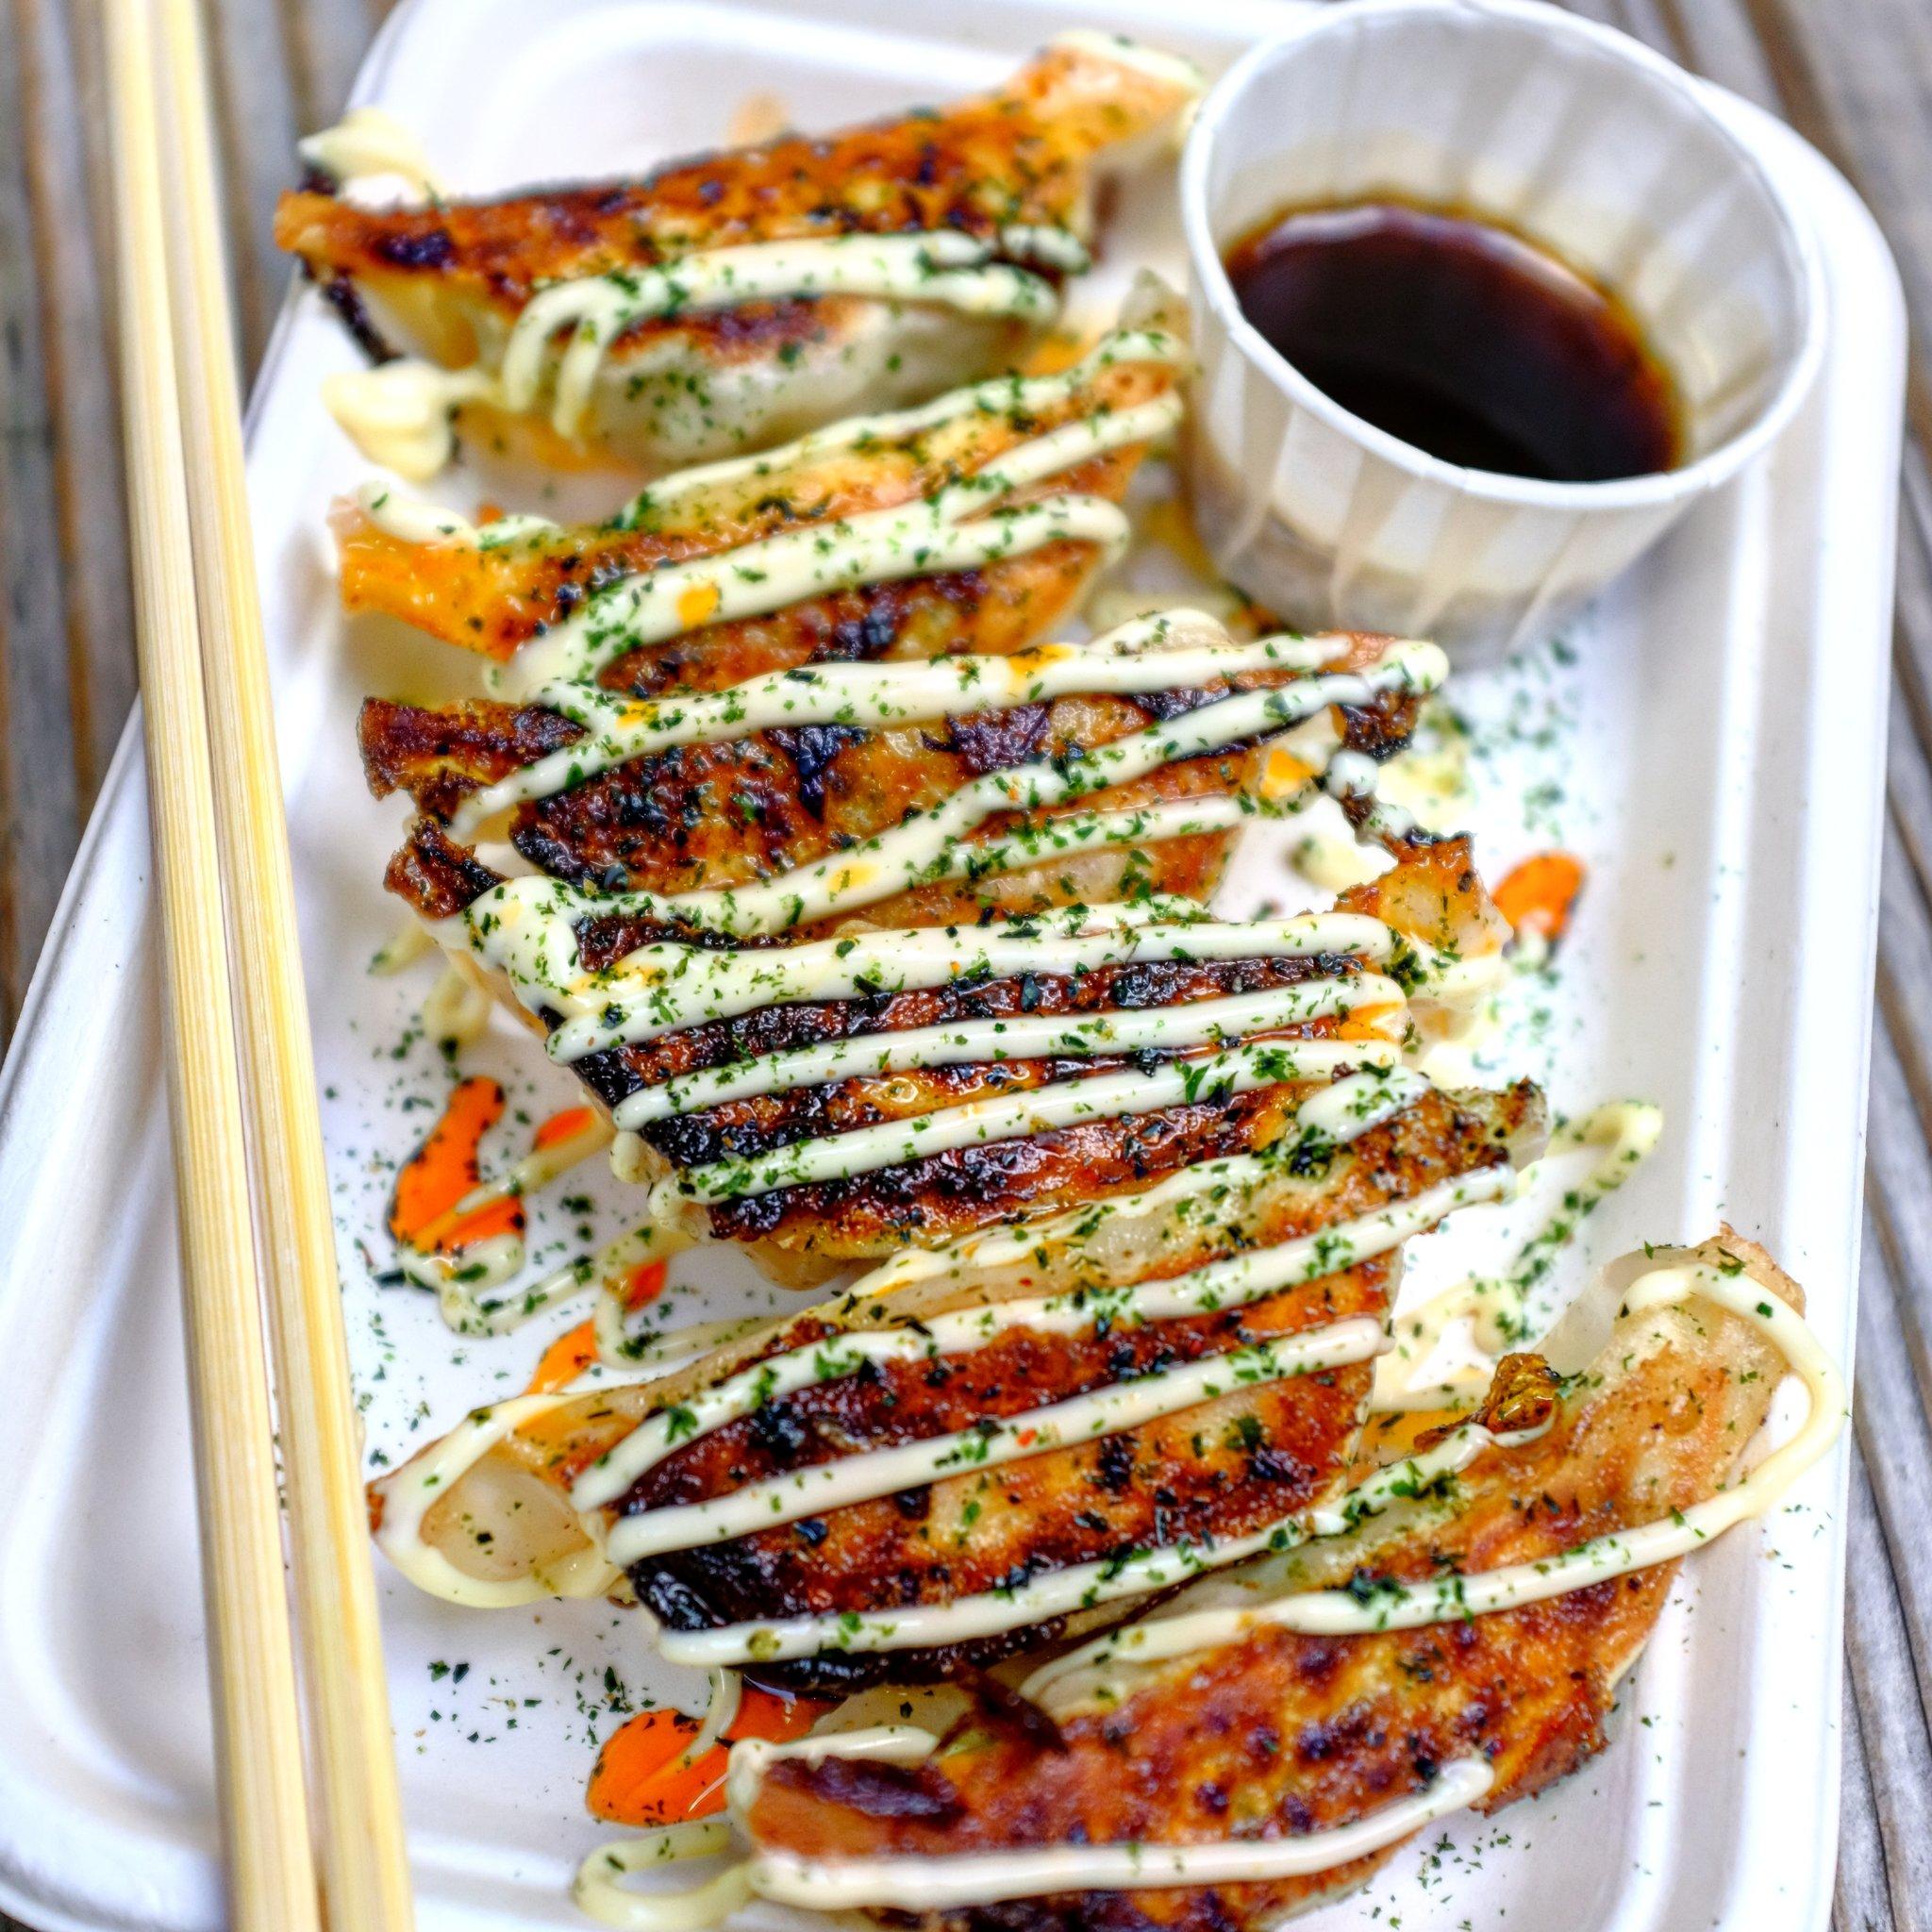 Bristol food. Photo courtesy of eatchu.